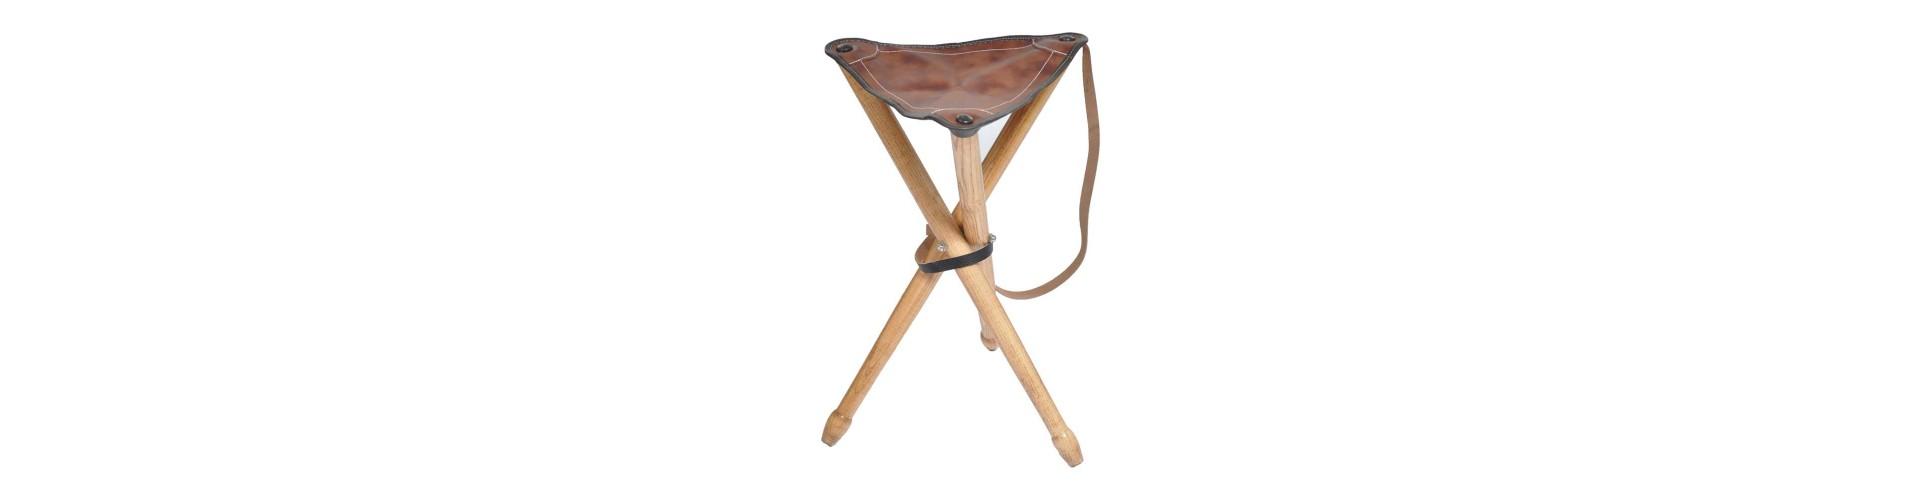 Trebenet jagtstol - Køb trebenet jagtstole til alle typer terræn - Fra 299,-